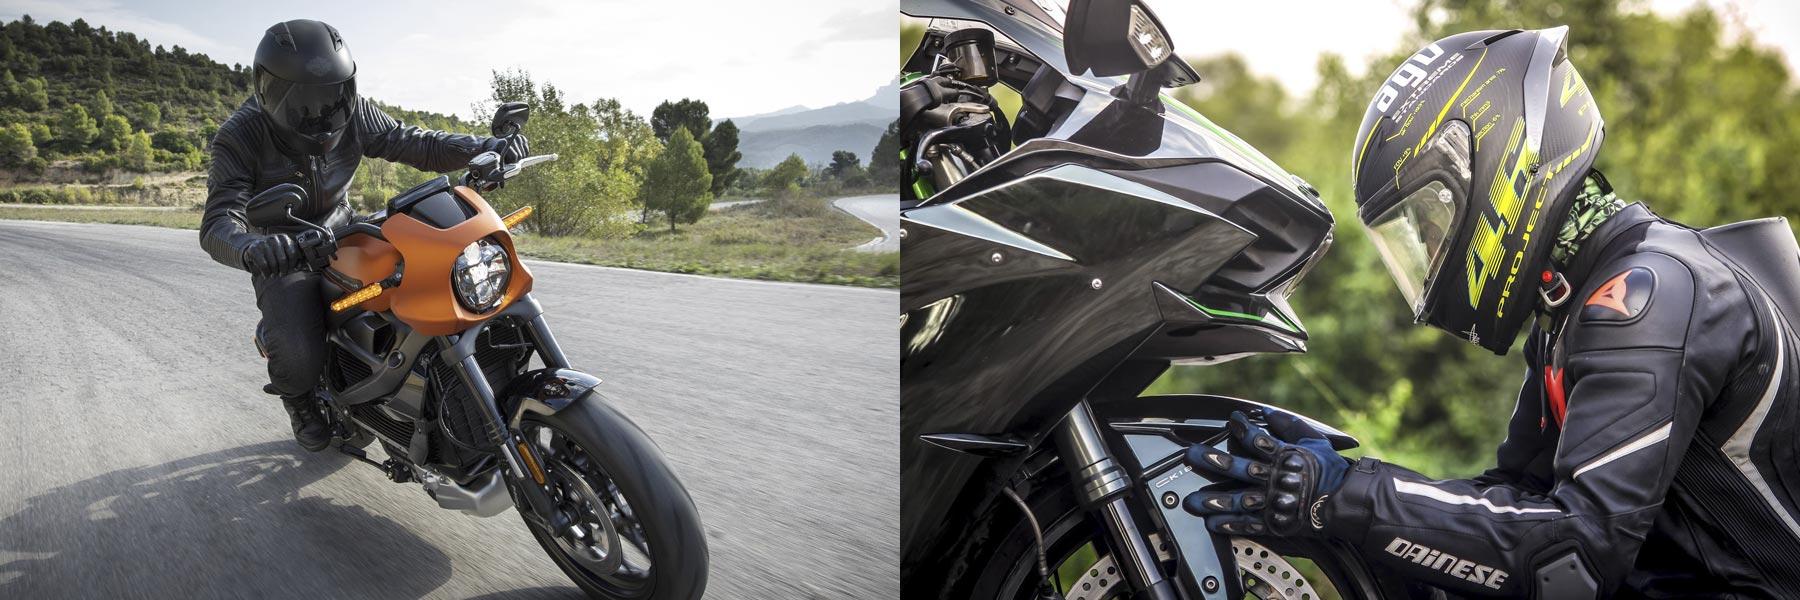 Reparation af motorcykeludstyr